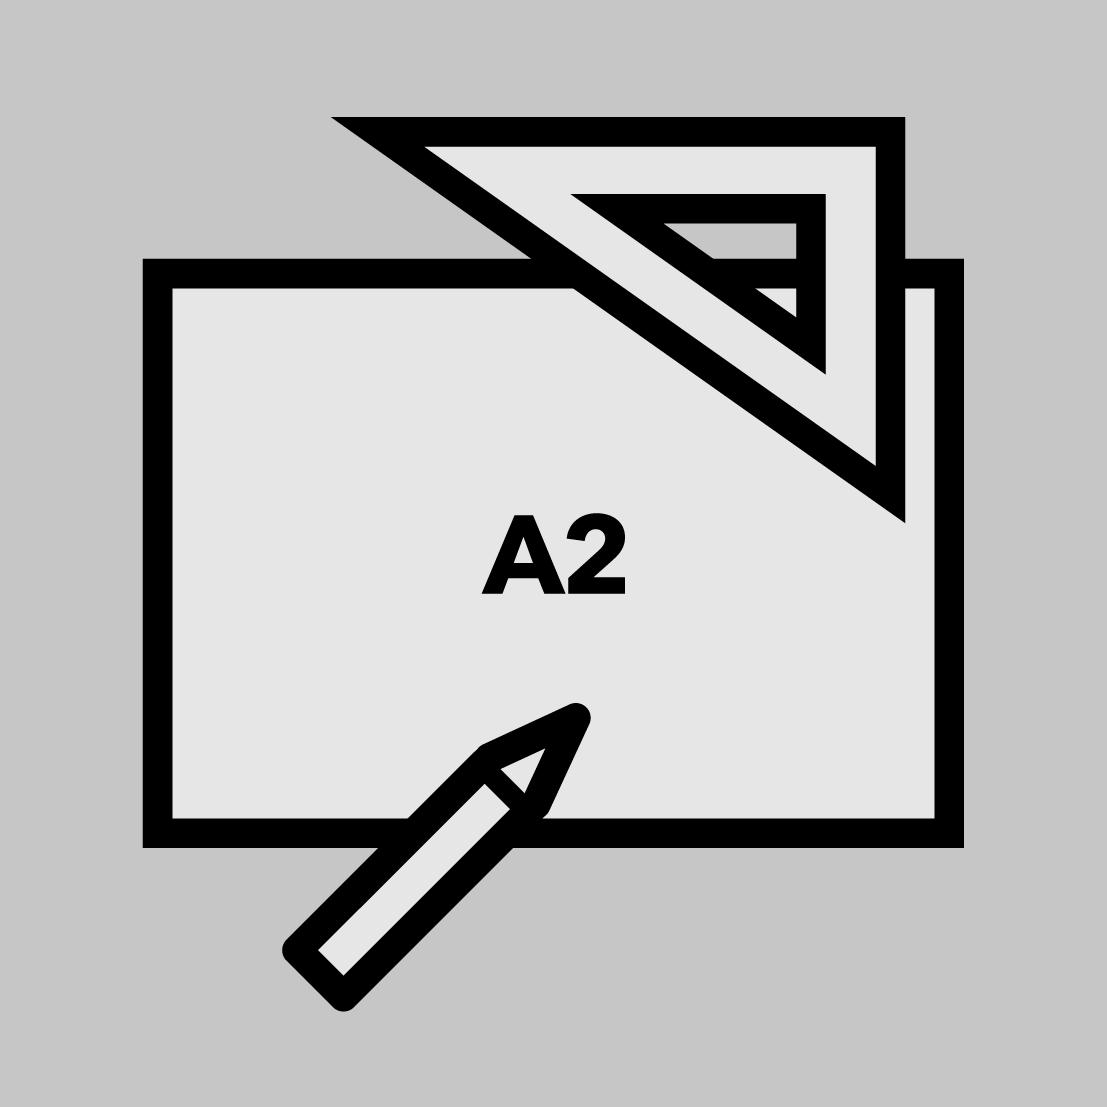 a2-landscape-icon-02.png